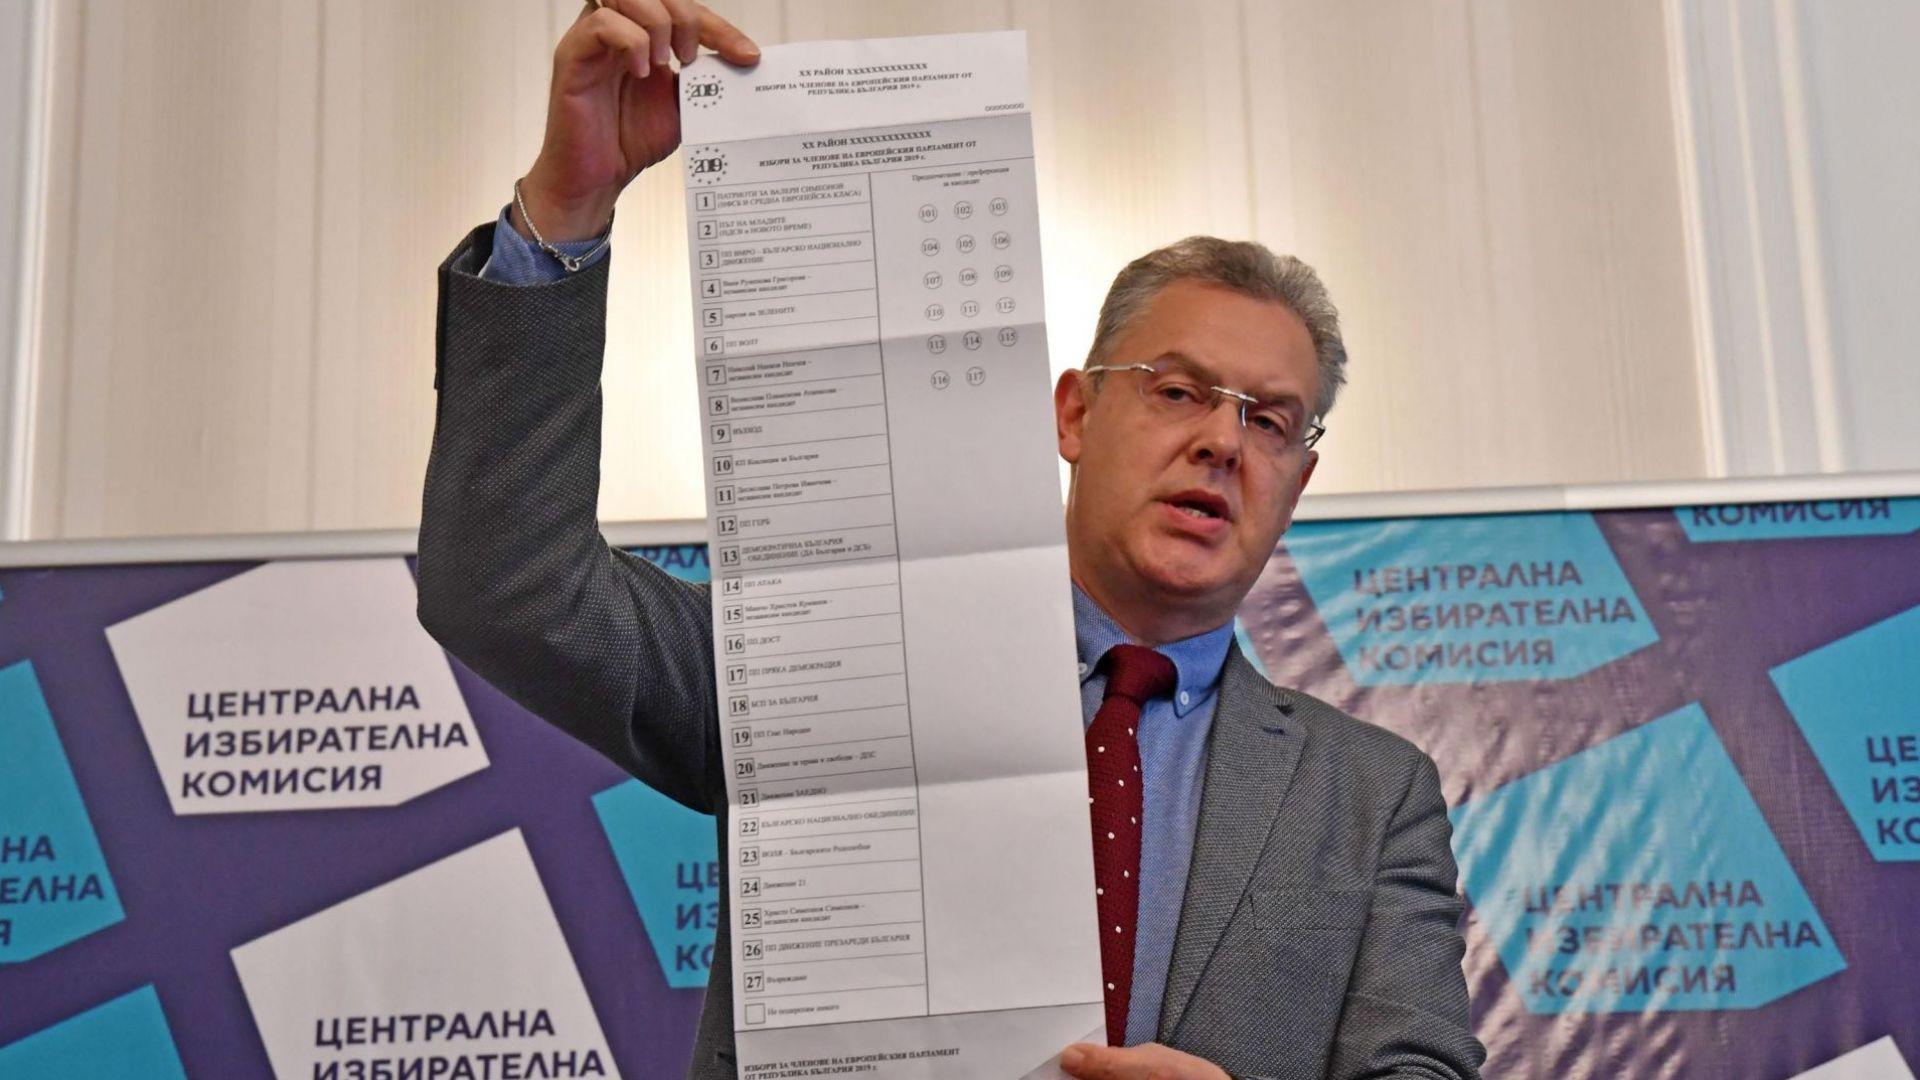 ЦИК утвърди бюлетината за предстоящите европейски избори